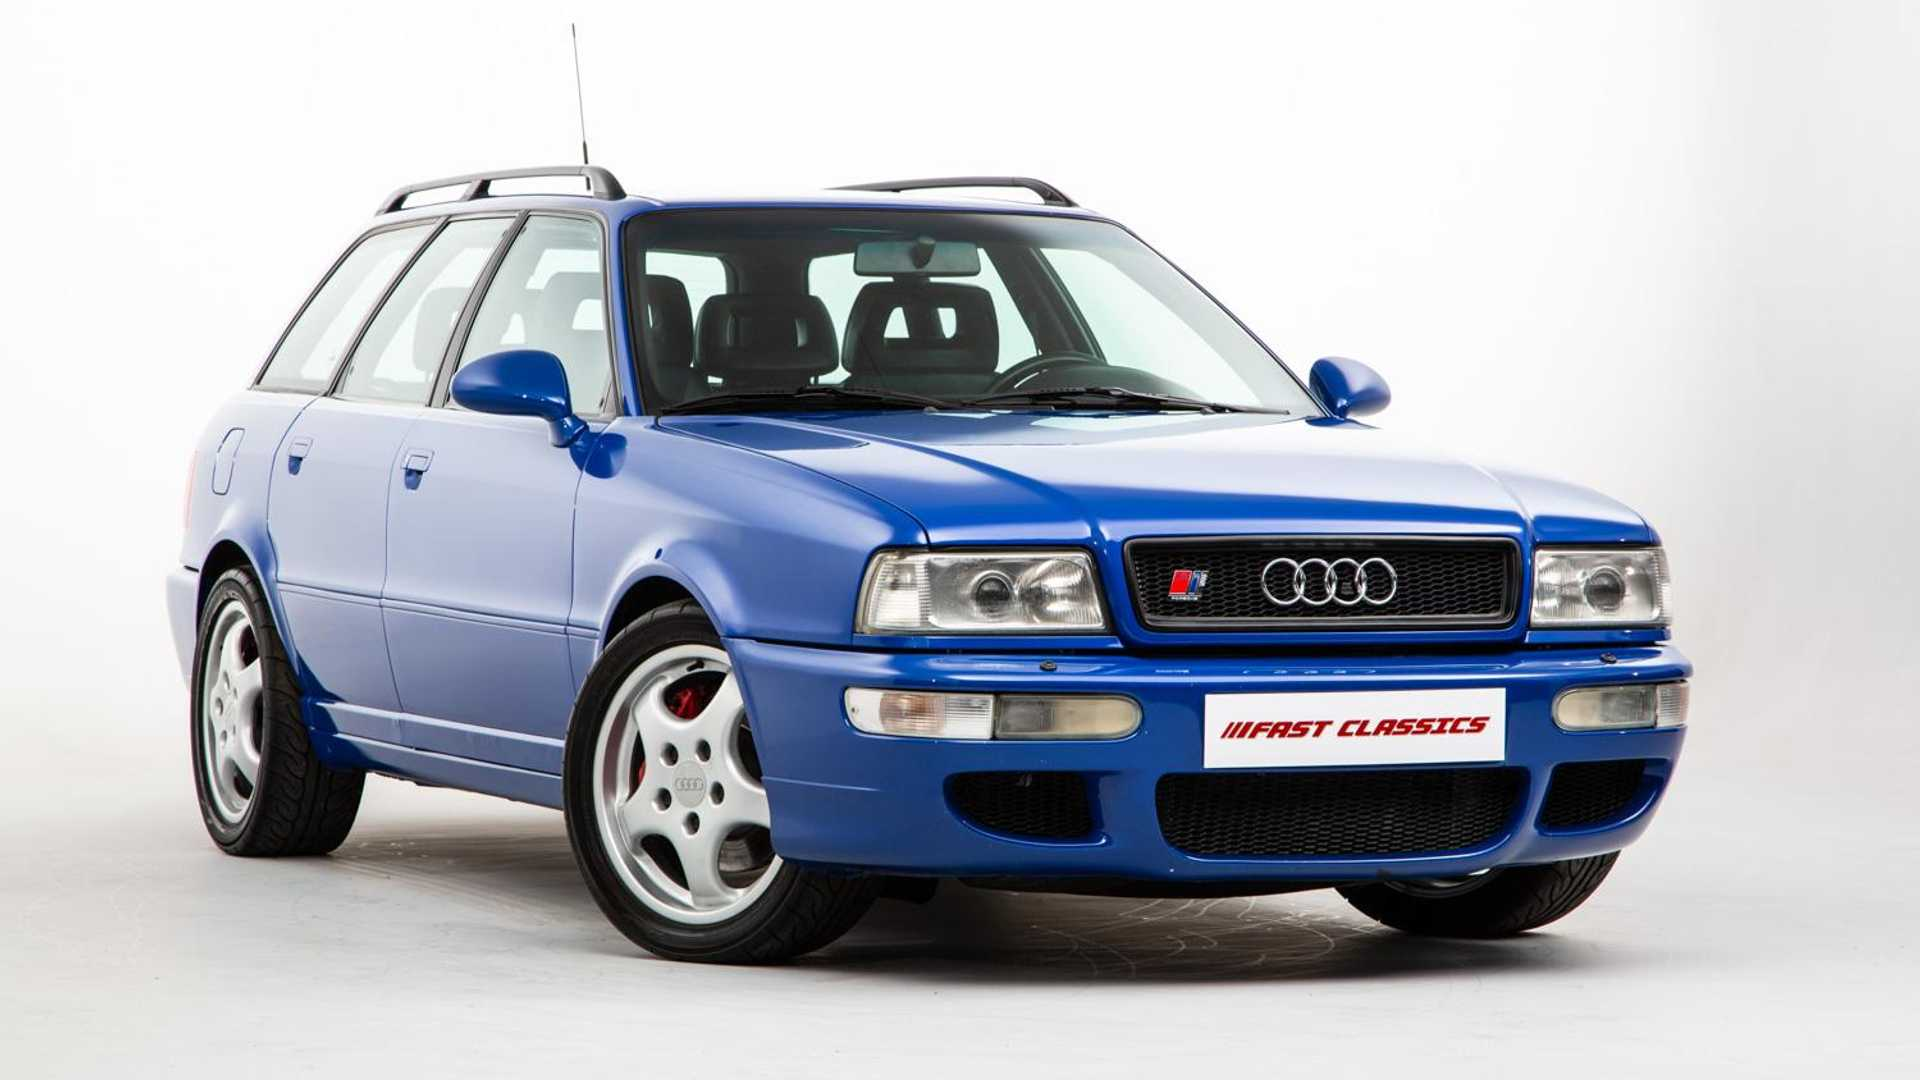 Kelebihan Audi Rs2 Avant Review